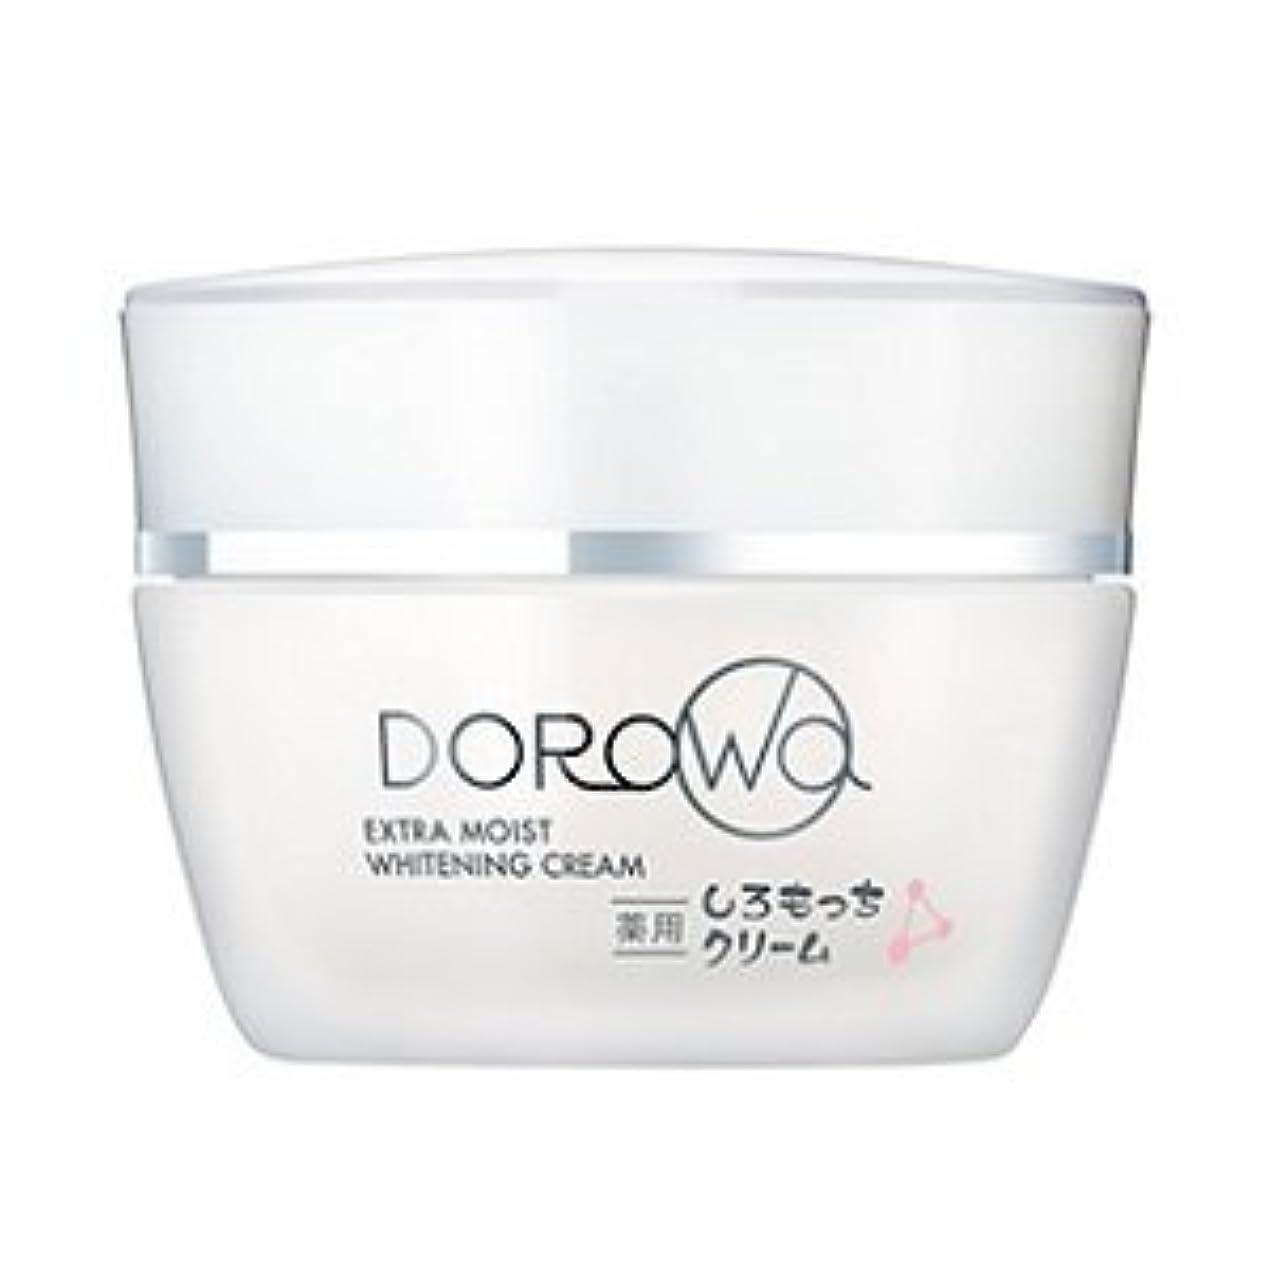 レスリングロック国勢調査健康コーポレーション DOROwa 薬用 しろもっちクリーム 60g